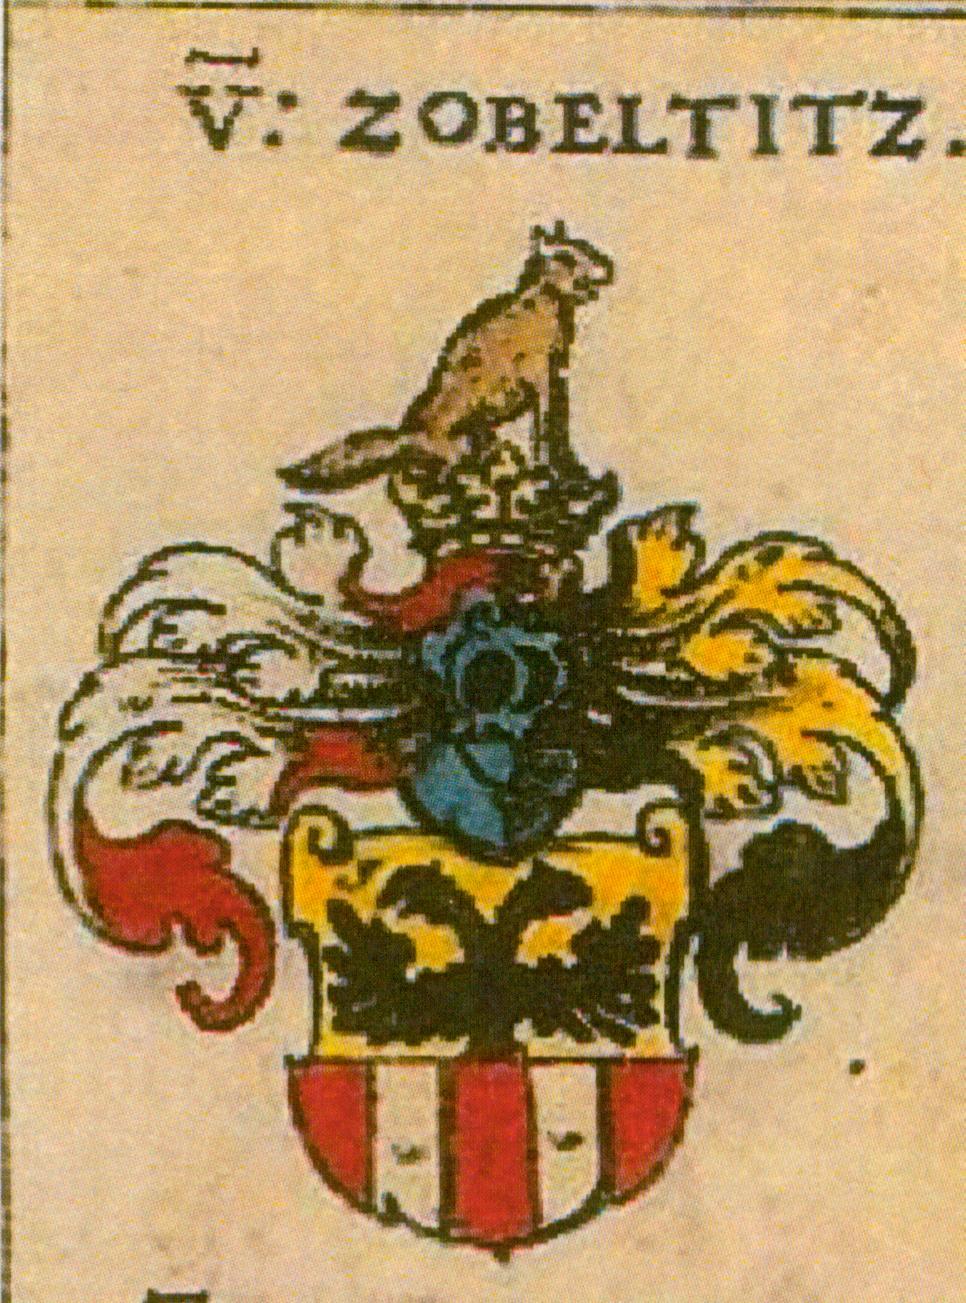 Zobeltitz (3)